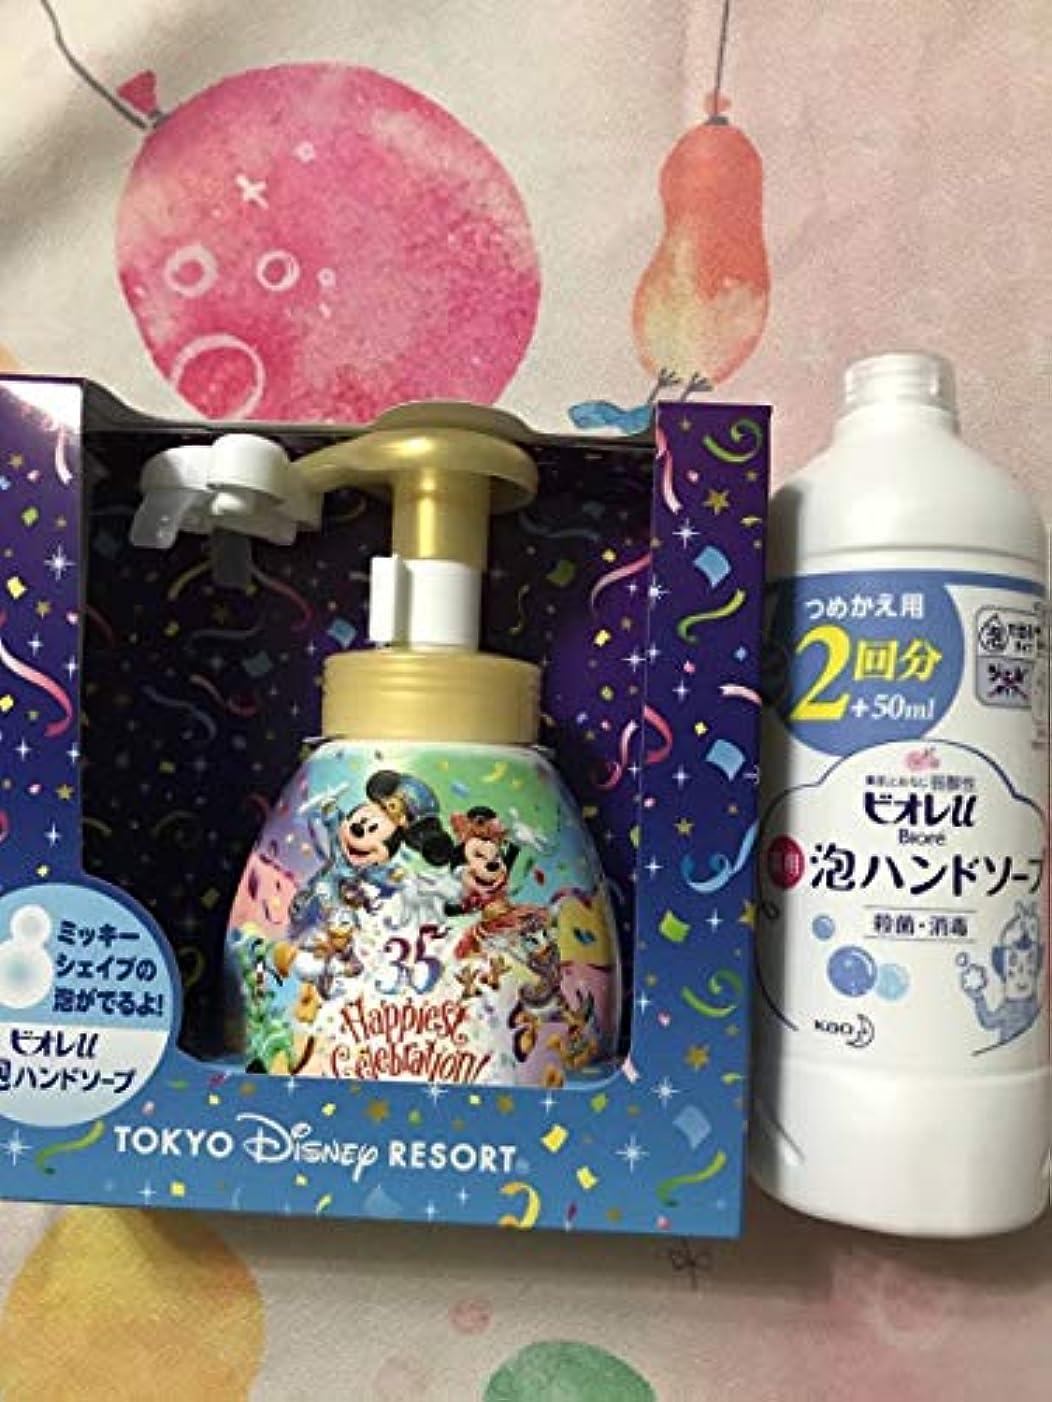 ブートパンフレット仮説ミッキー シェイプ ハンドソープ 東京 ディズニー リゾート 35周年 記念 石鹸 ビオレU 詰め替え 付き